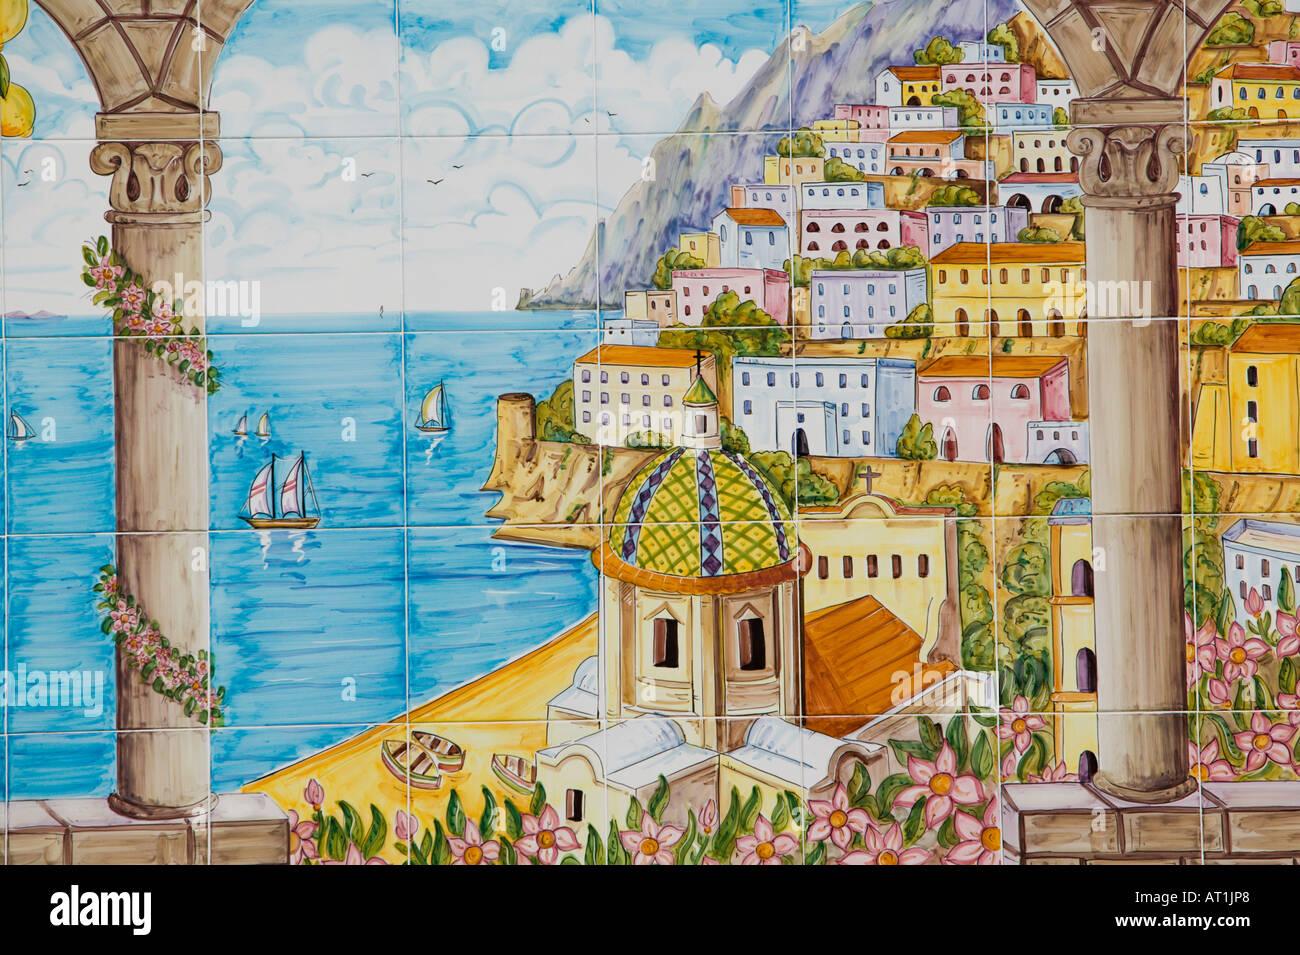 Europe Italy Campania Amalfi Coast Positano Ceramic